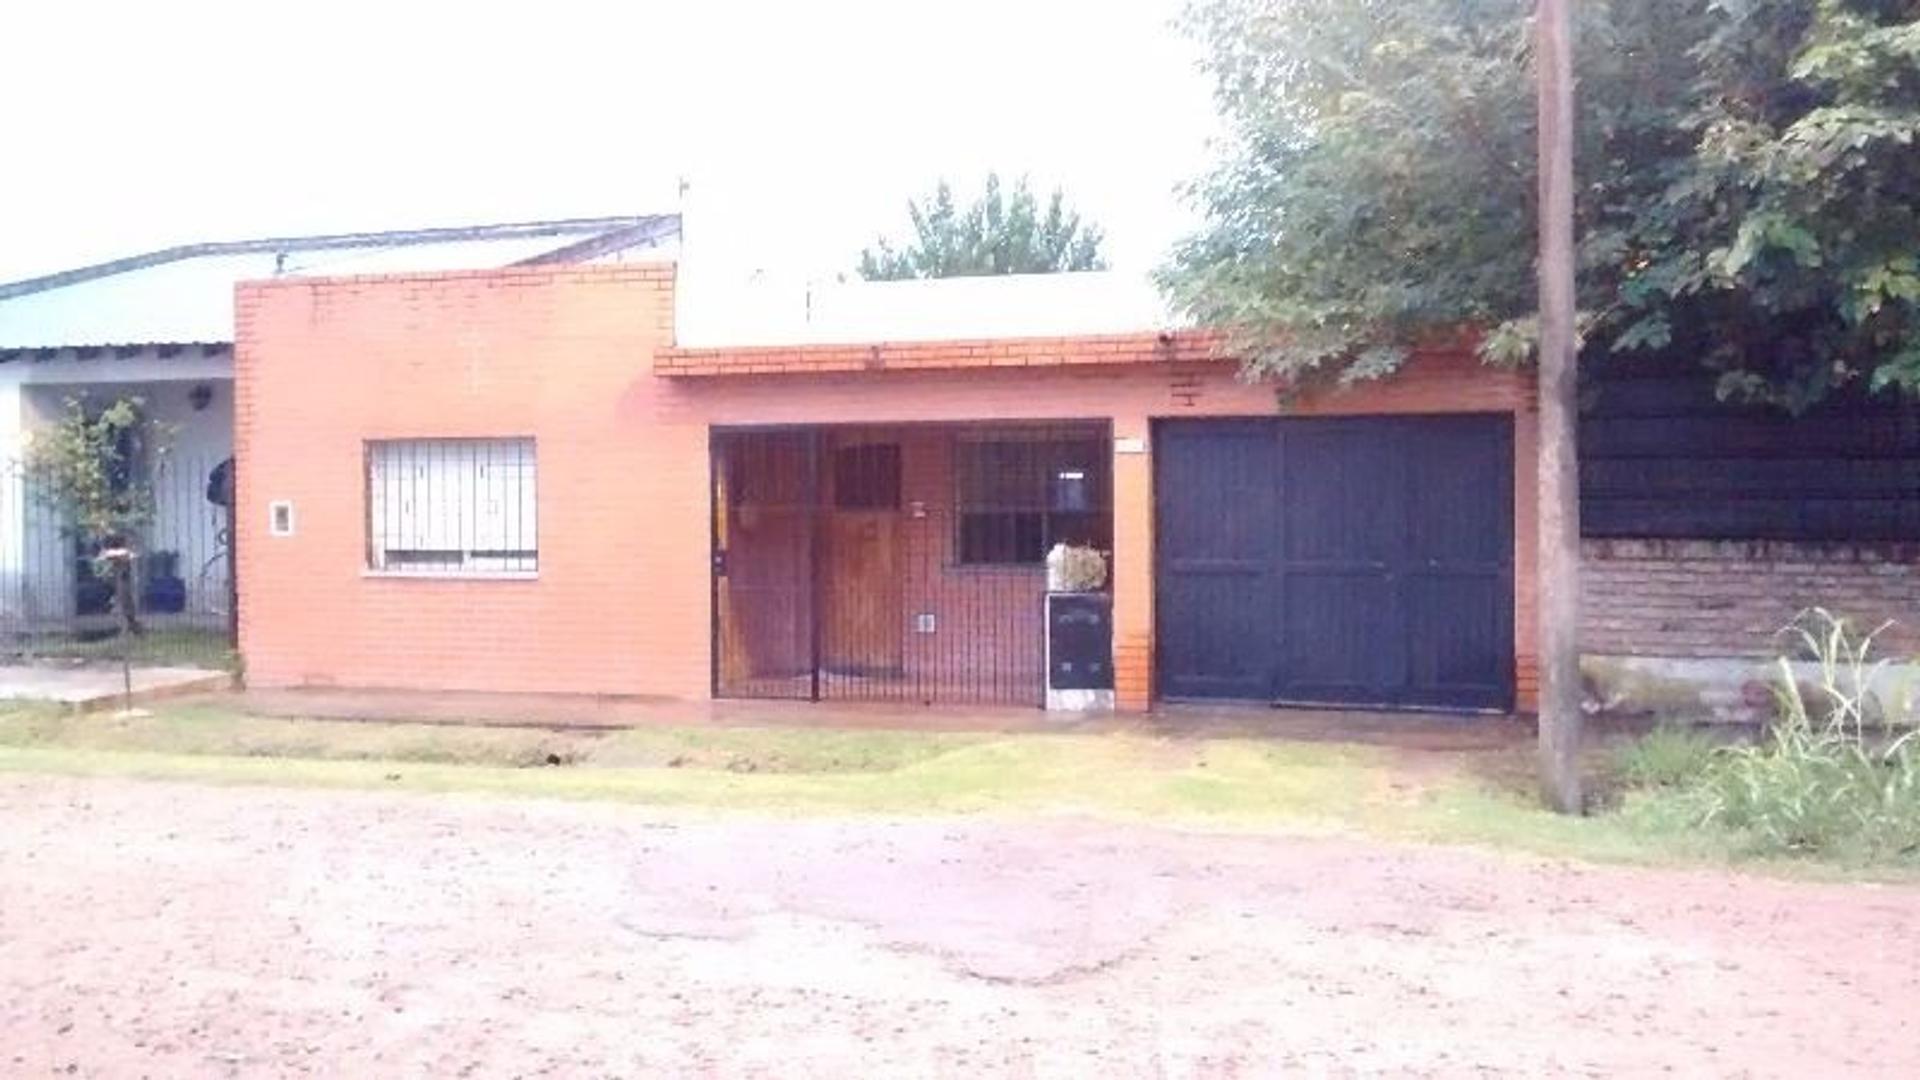 Casa 4 ambientes c/Garaje. Barrio Tobal. Merlo. GBA